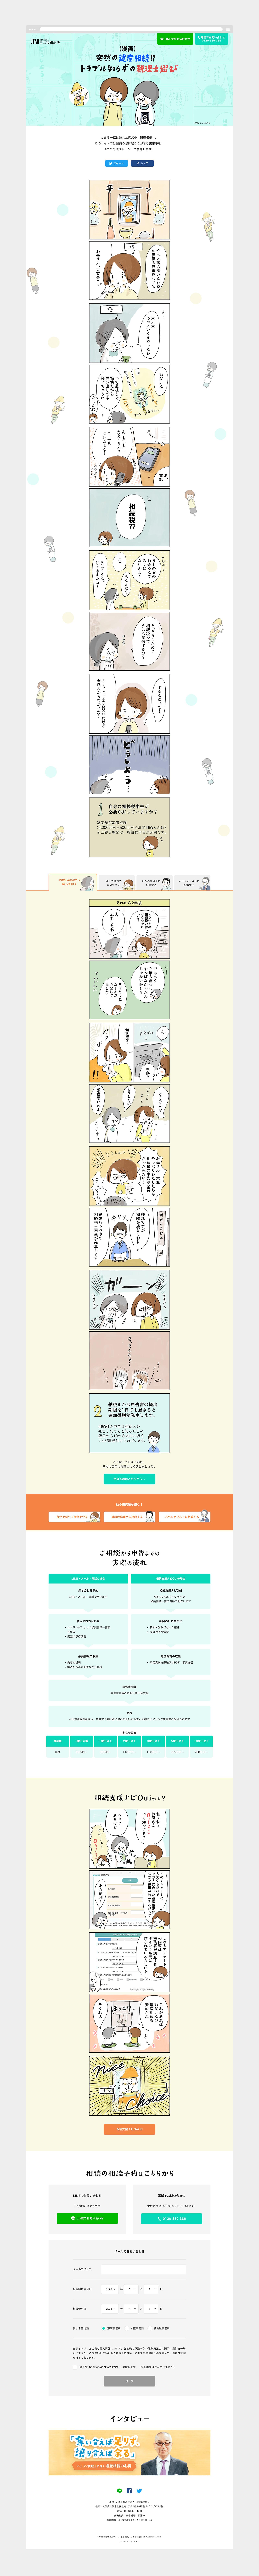 【漫画】突然の遺産相続!?トラブル知らずの税理士選び